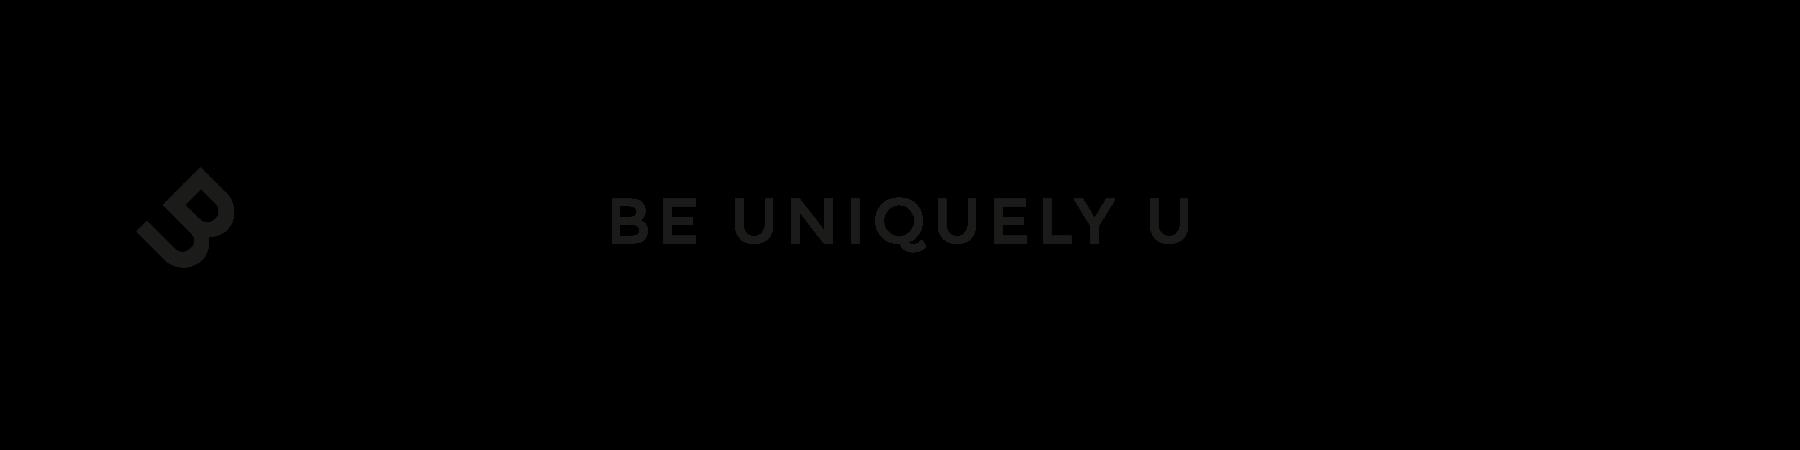 Be Uniquely You